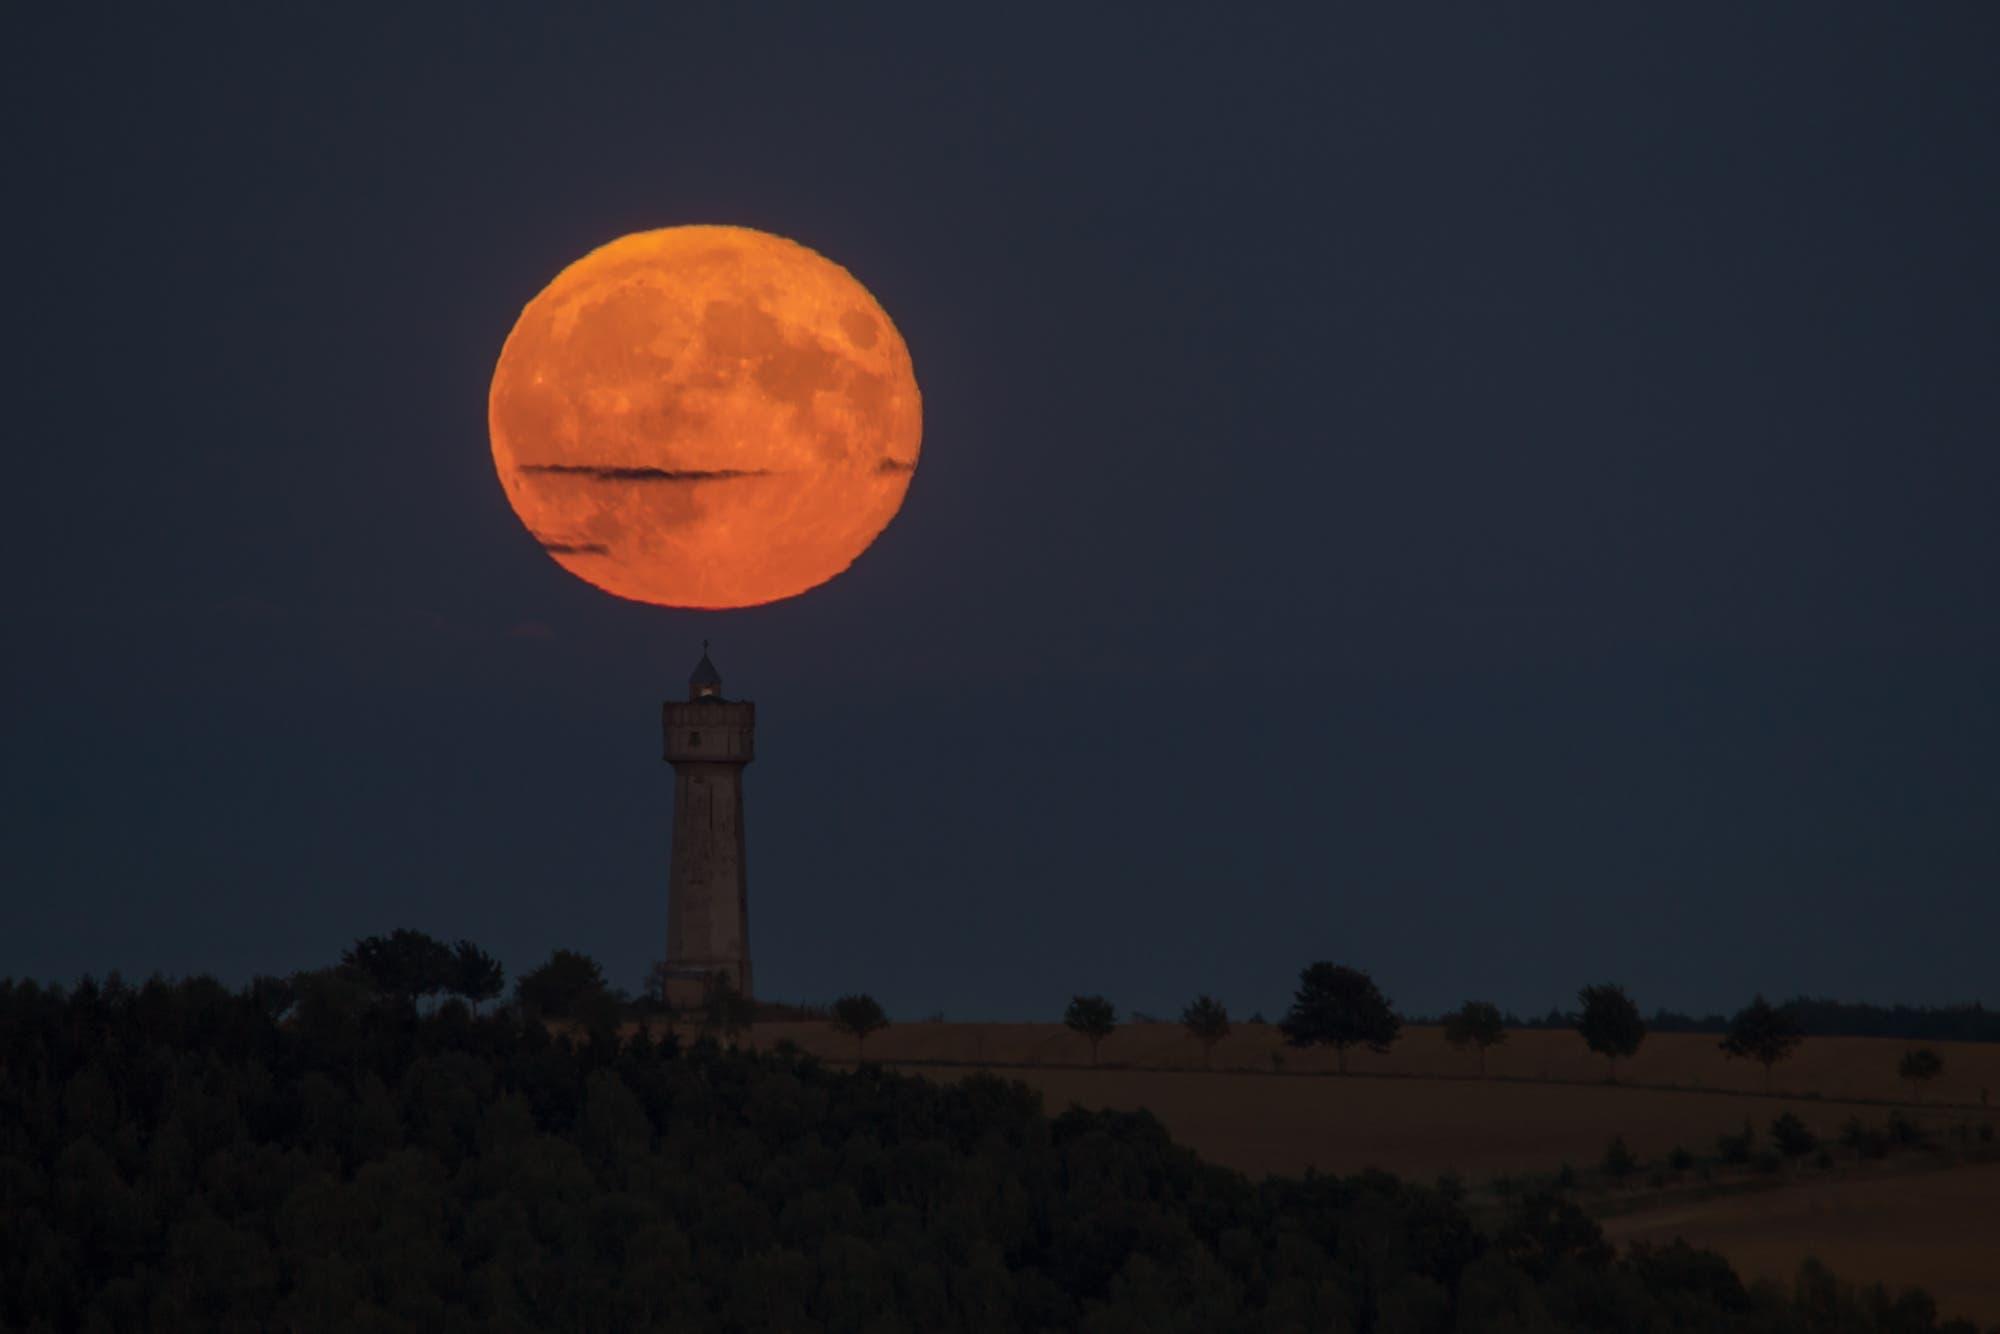 Mondaufgang mit besonders rötlicher Färbung